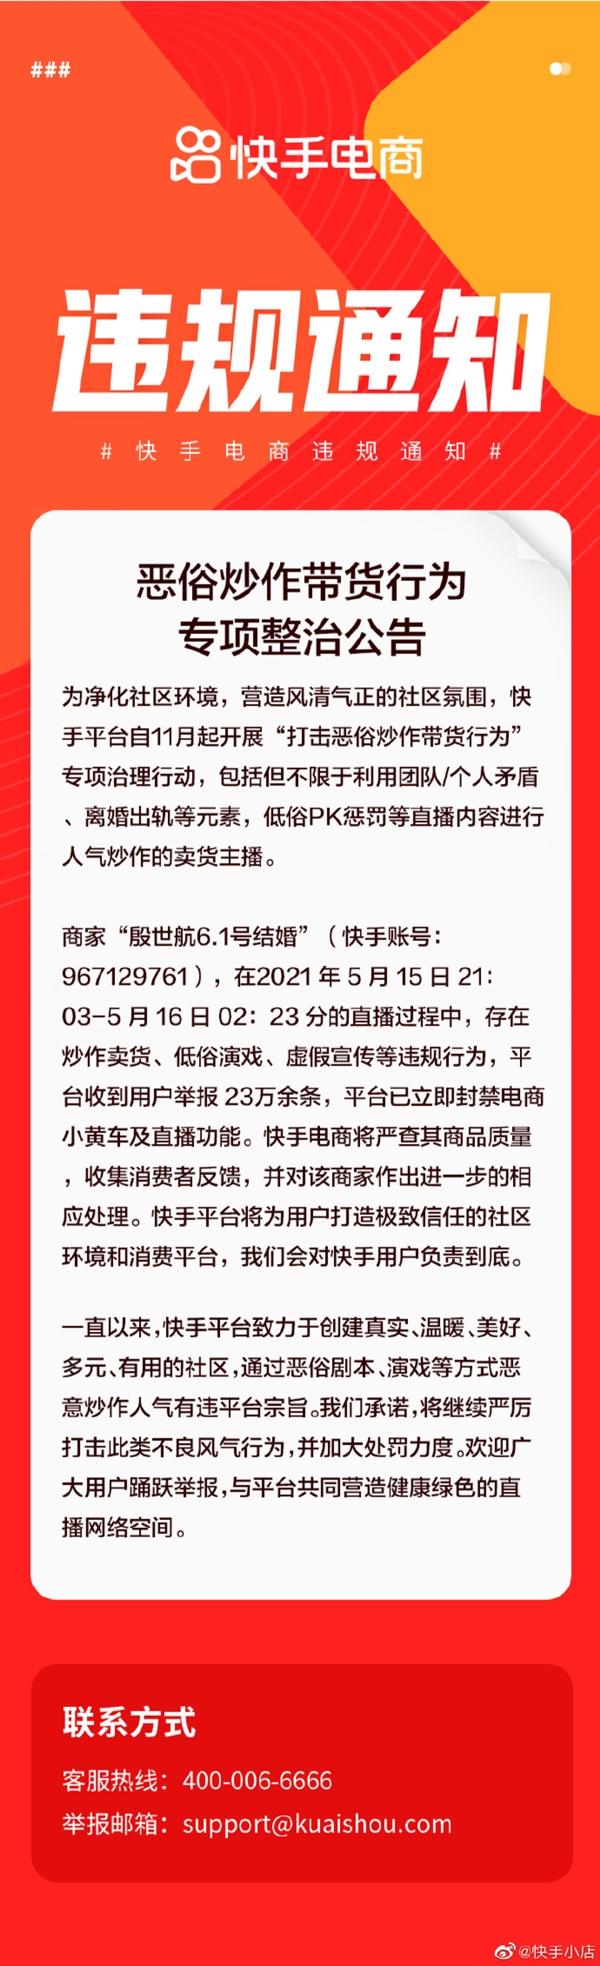 主播低俗炒作被封630年 网友调侃:孙悟空也就封印500年